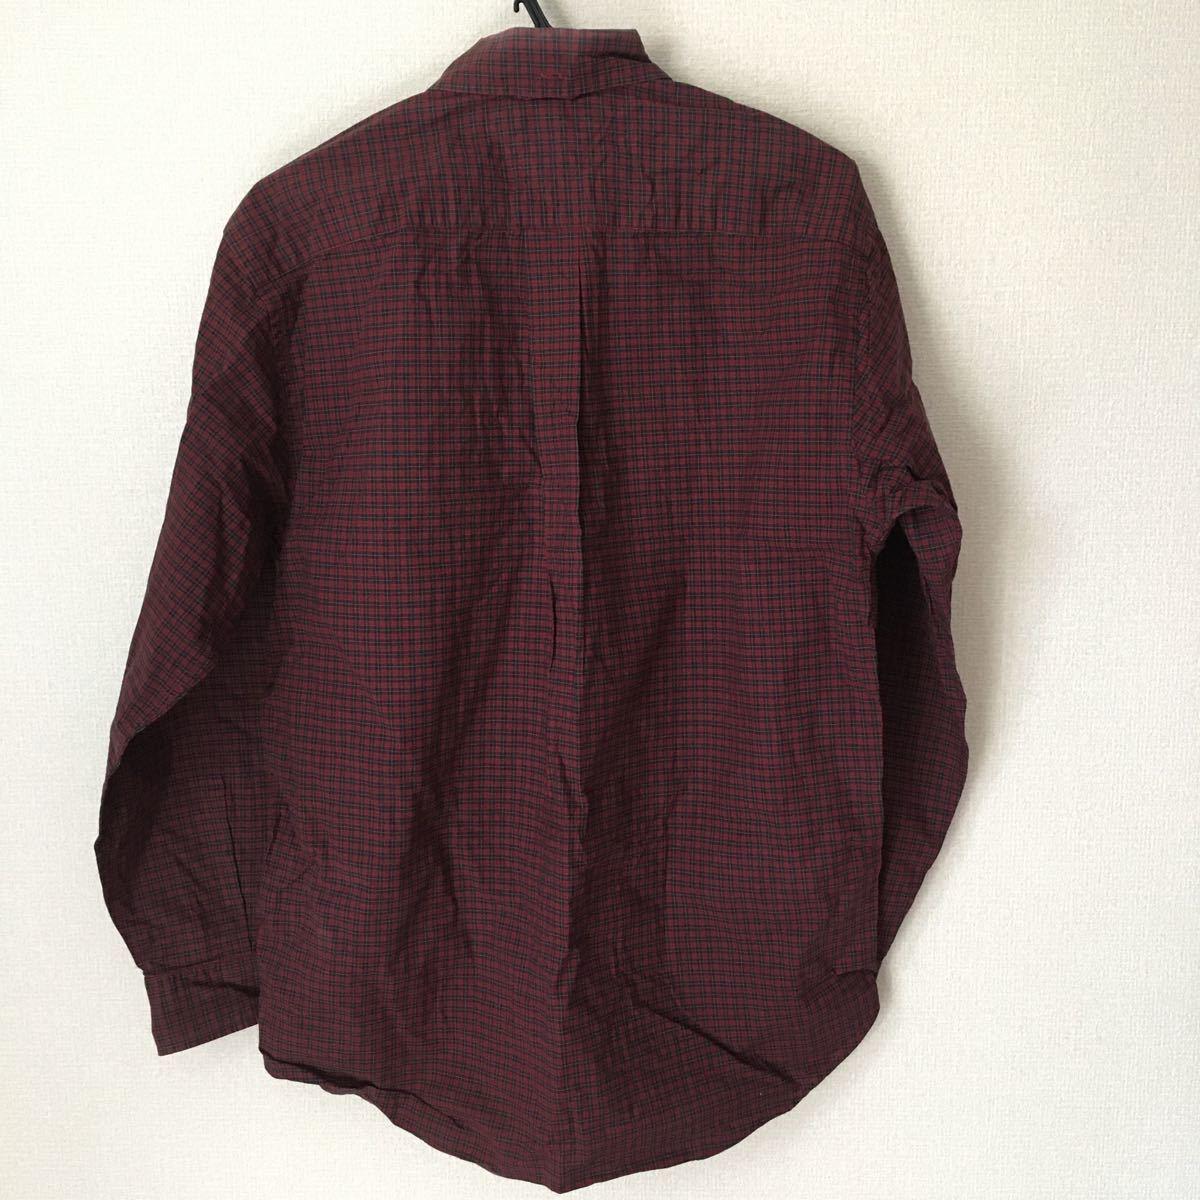 長袖シャツ ボタンダウン チェックシャツ トミーヒルフィガー TOMMY HILFIGER S